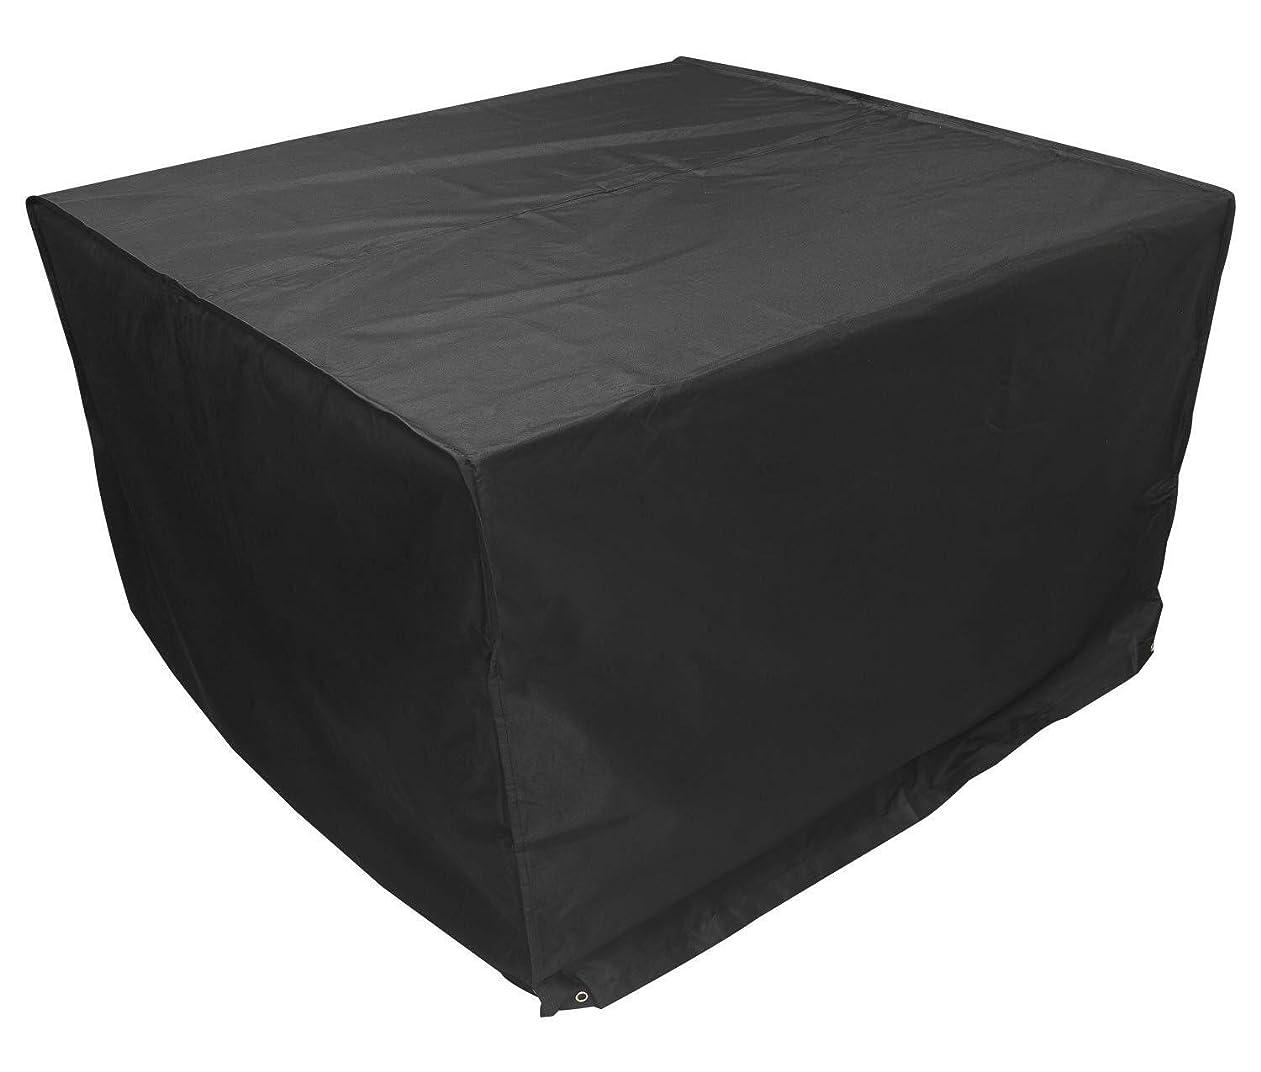 余暇なだめる葉GGYMEI ガーデン屋外カバーテーブル屋内および屋外の庭の家具ダストスクエアオックスフォード布素材と耐久性、32サイズ (Color : Black, Size : 180x120x120cm)